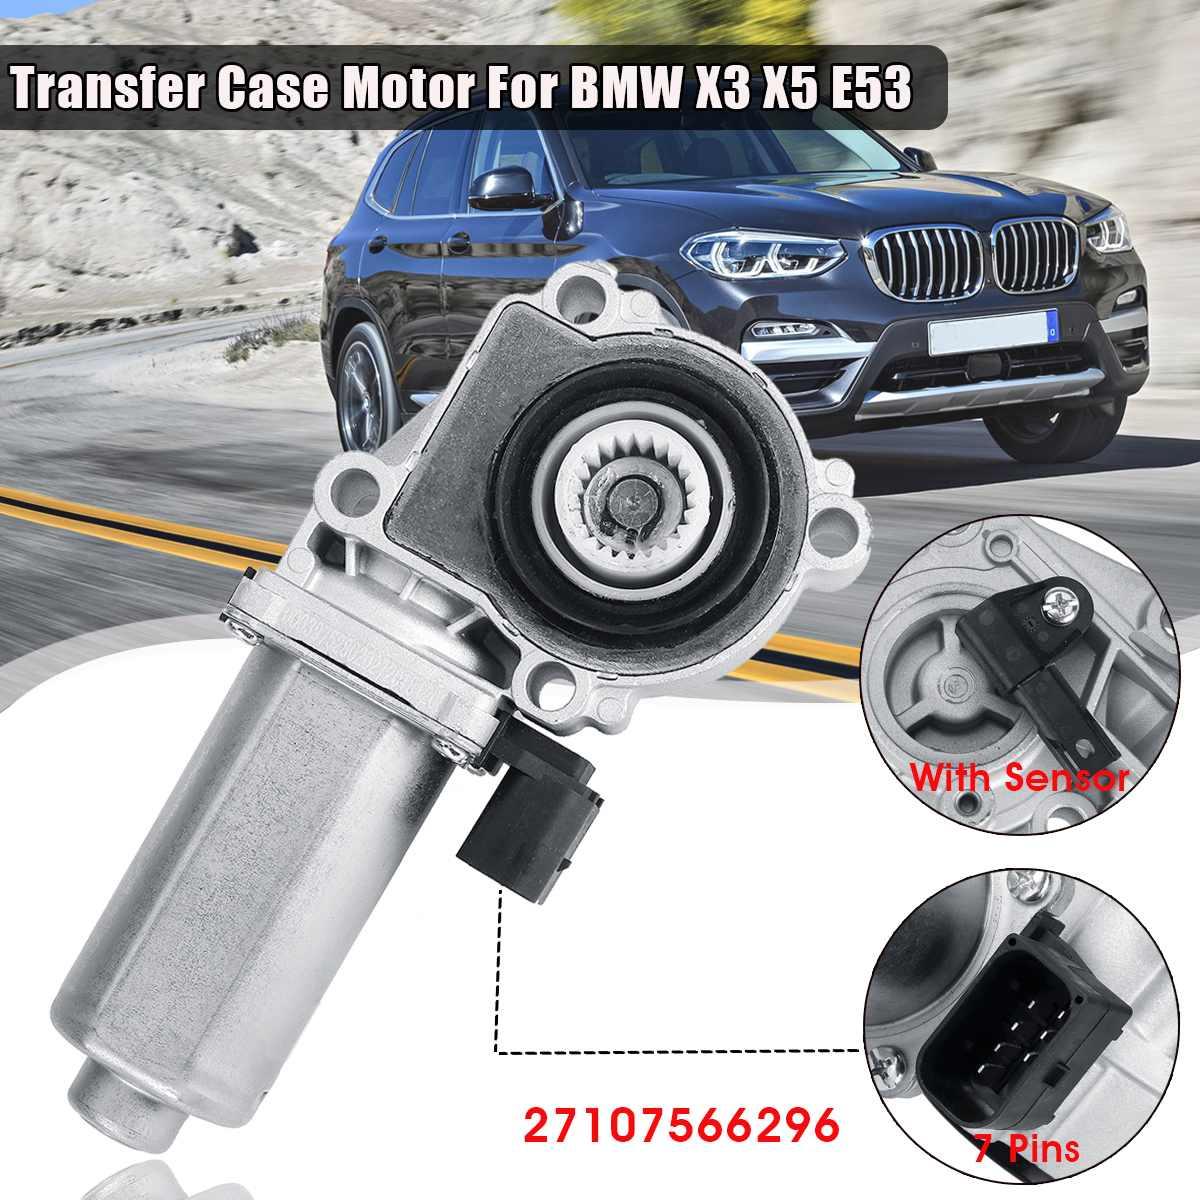 Caixa De Transferência do carro Atuador Do Motor Para BMW X3 E83 X5 E53 E70 F15 F85 F25 ATC400/ATC500/ATC700 27107541782 27107566296